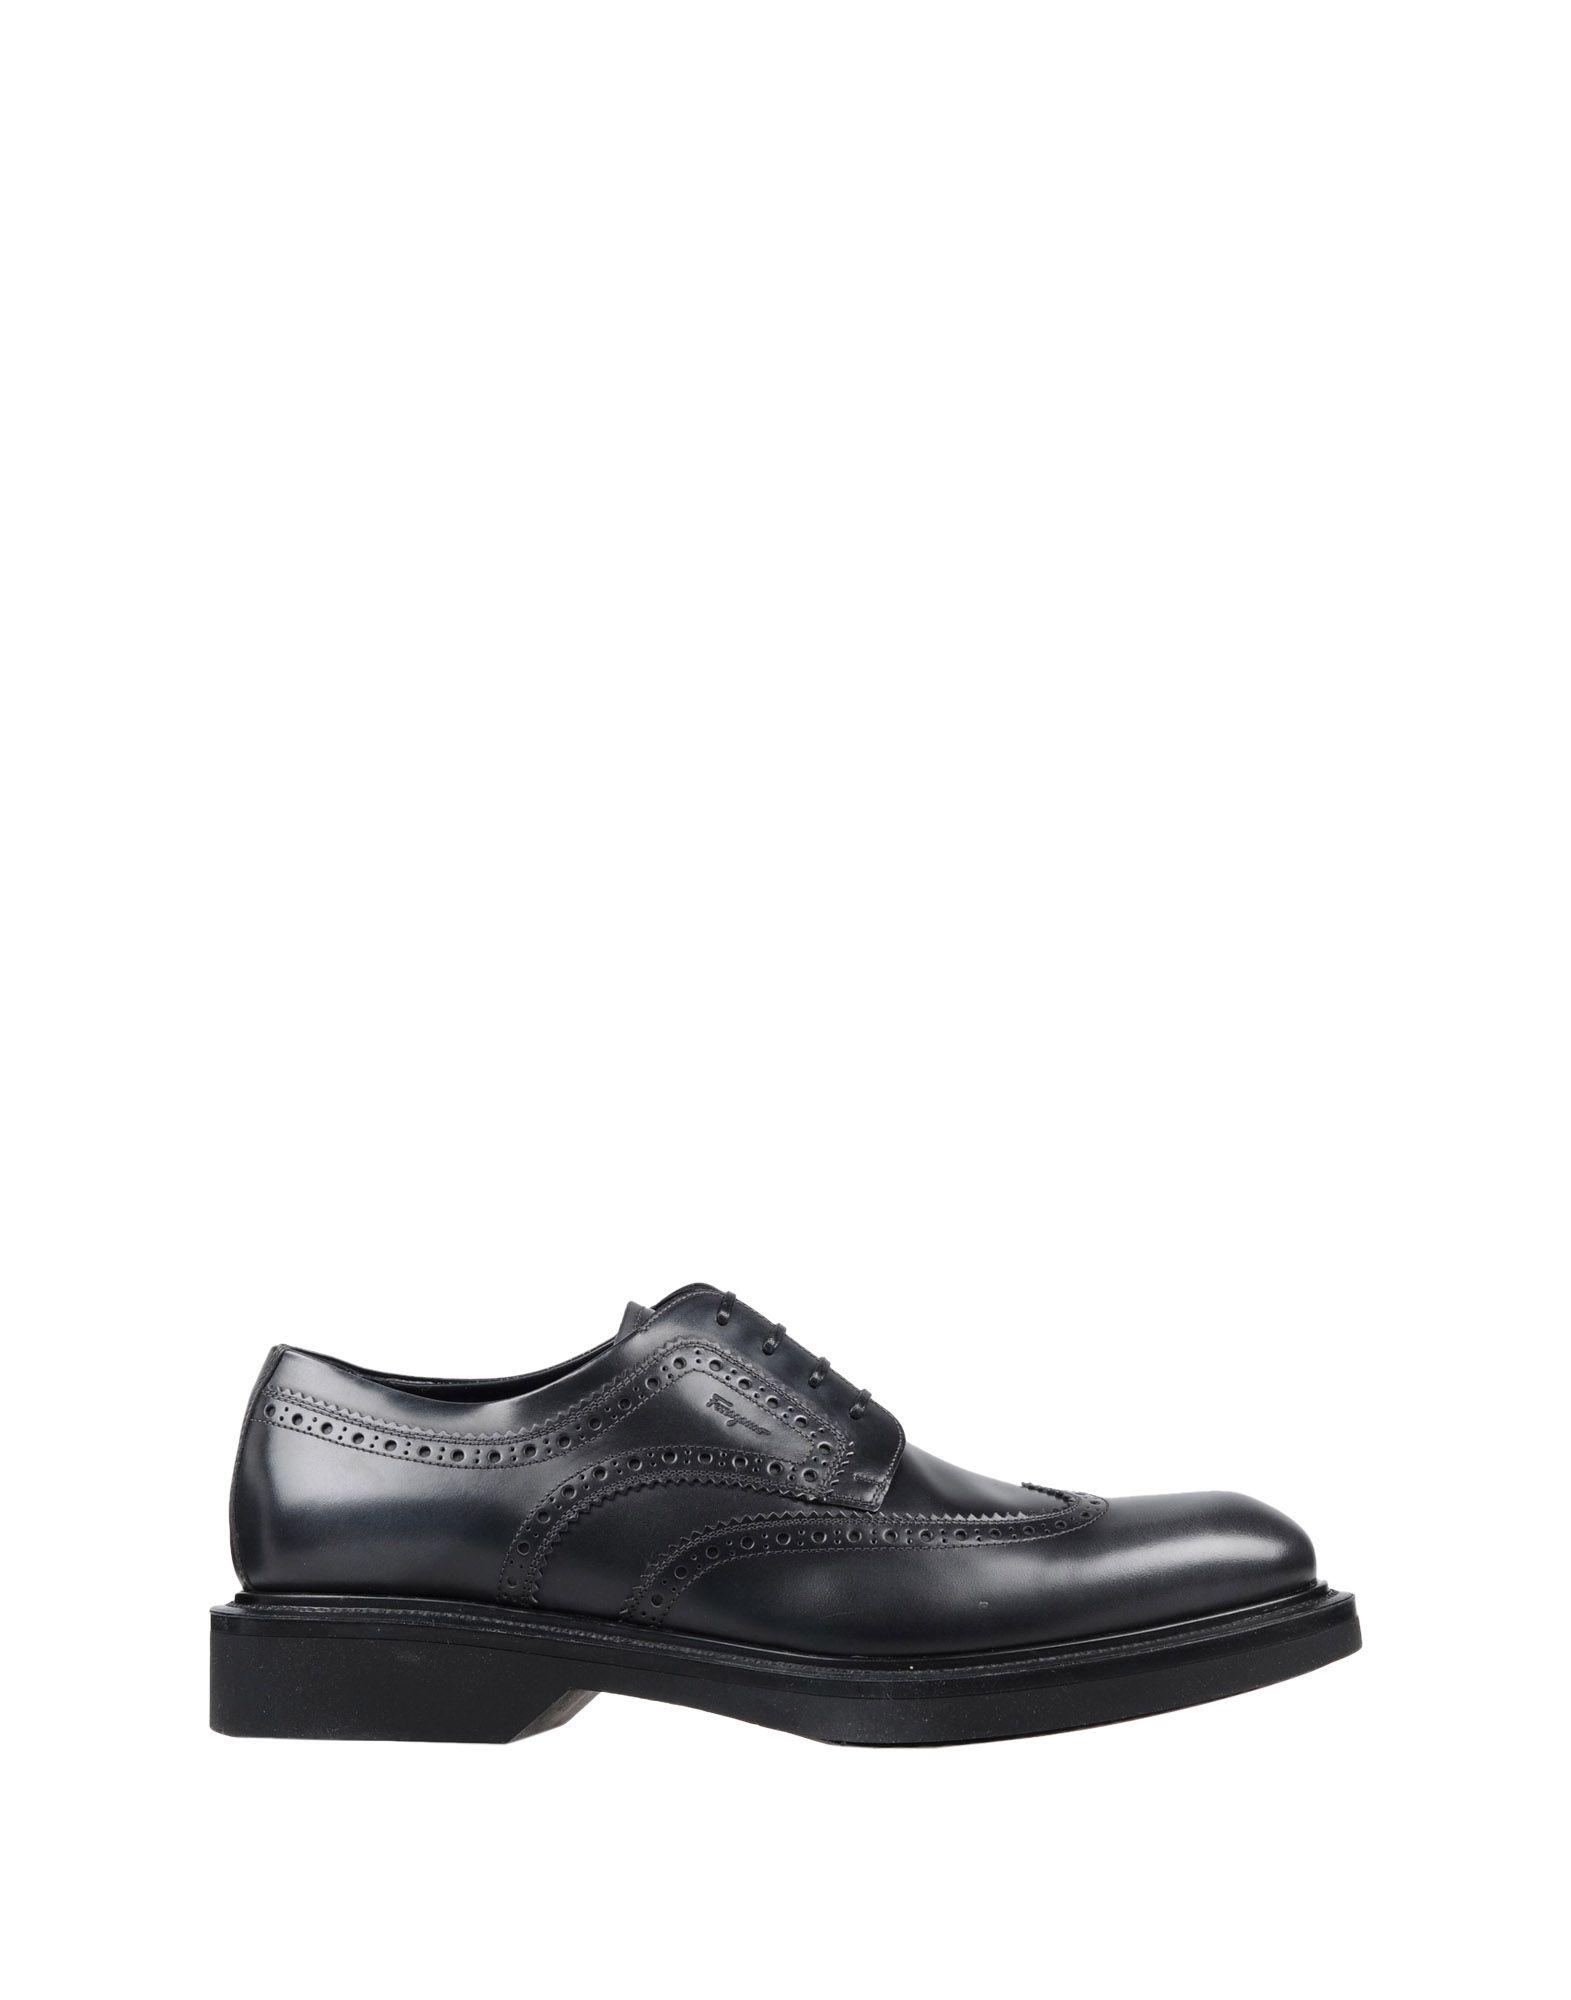 Salvatore Ferragamo Schnürschuhe Schuhe Herren  11463824GF Neue Schuhe Schnürschuhe 4e860b